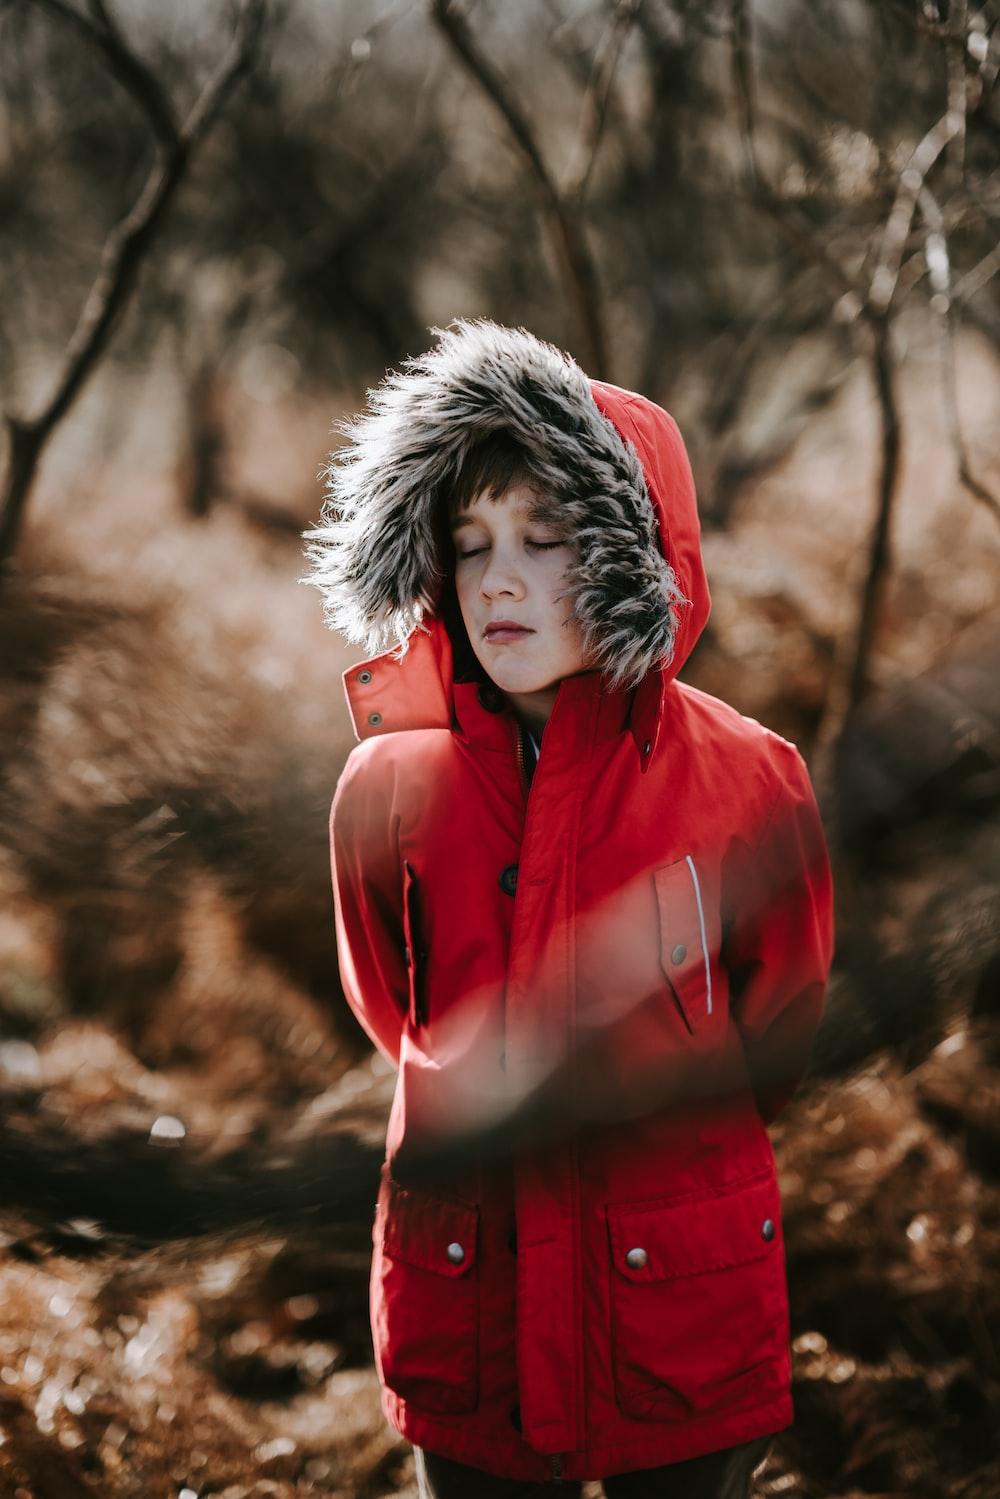 man wearing red coat